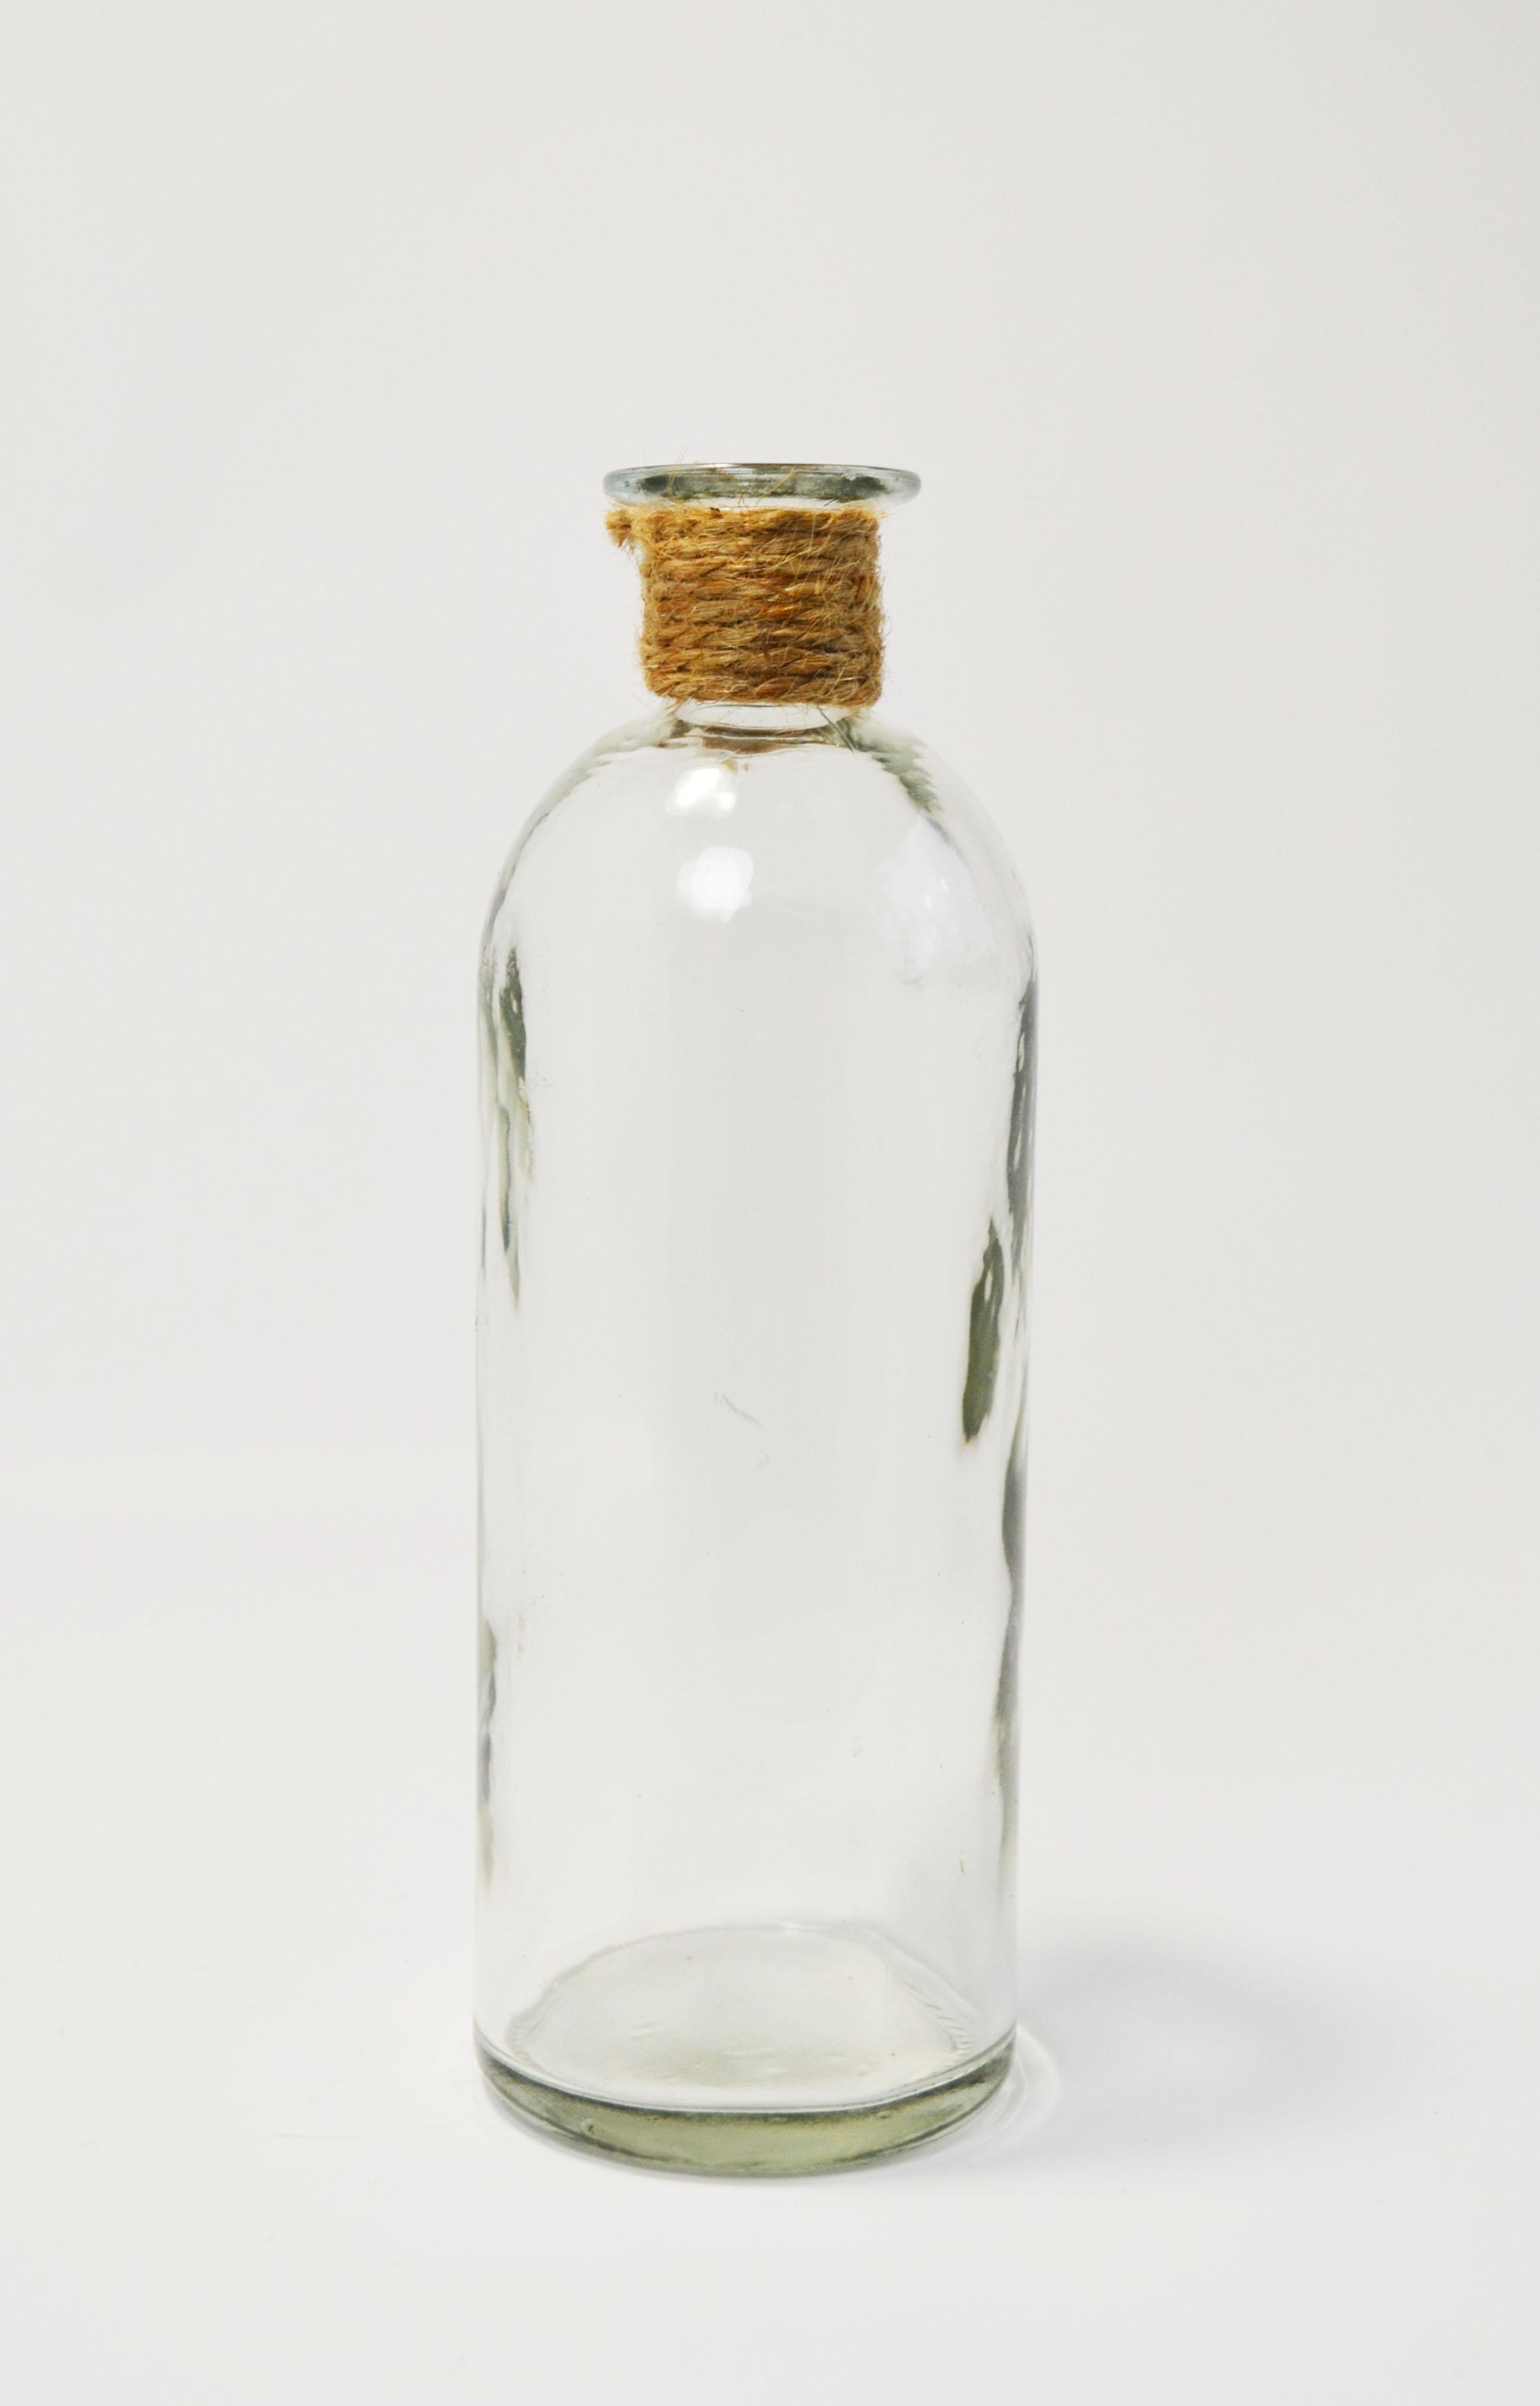 glass + rope vase - medium   Quantity: 3  Price: $4.50